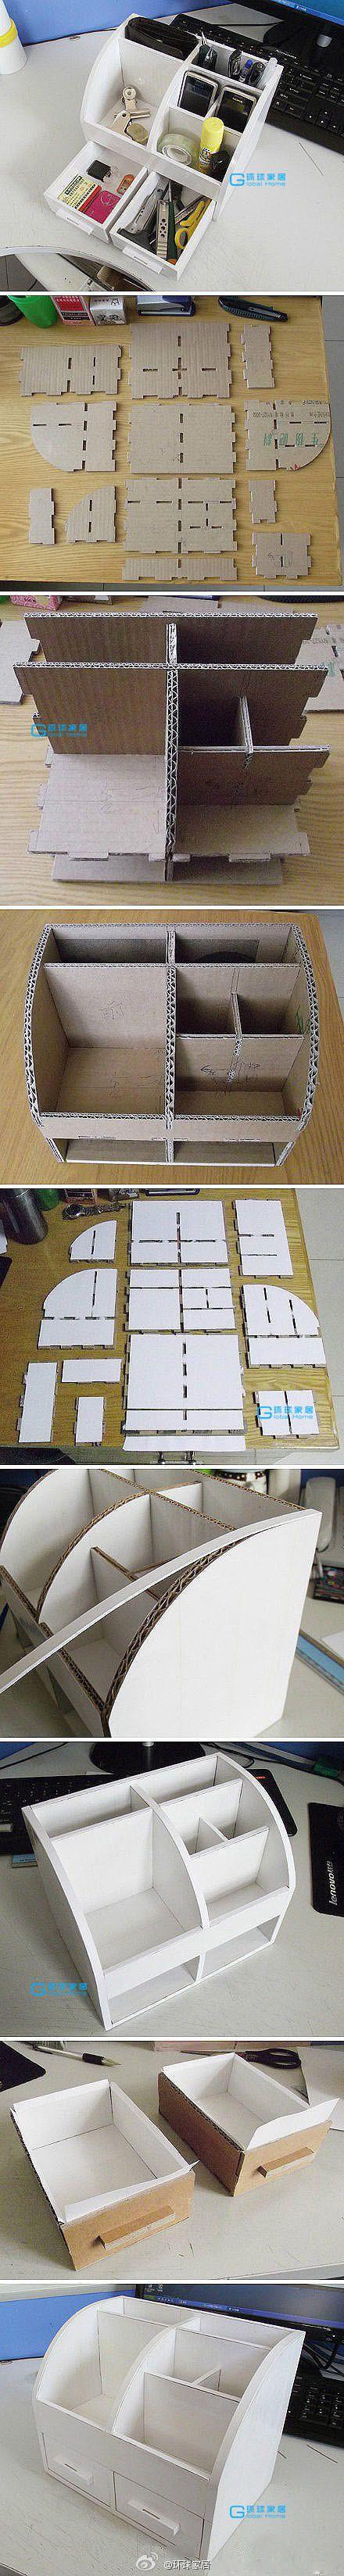 vamos reaproveitar as caixas de papelão e organizar nossas coisinhas...